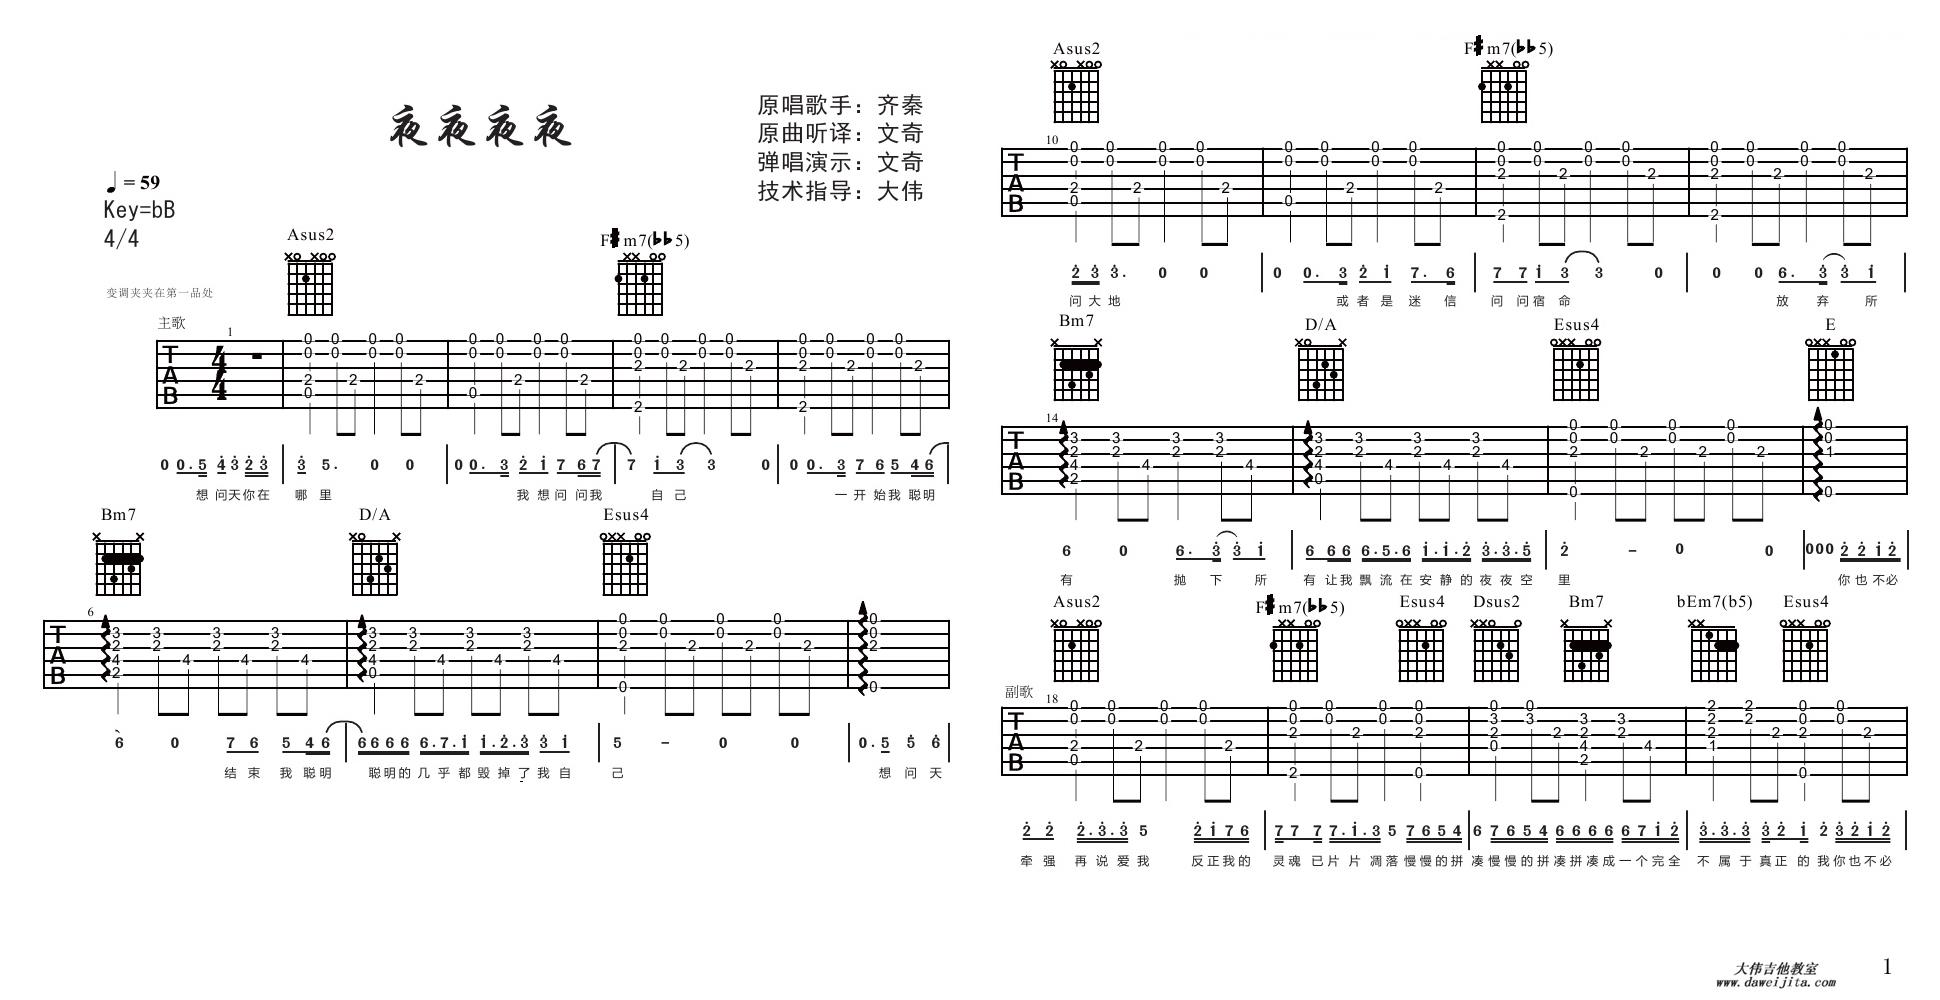 齐秦/梁静茹《夜夜夜夜》吉他教学